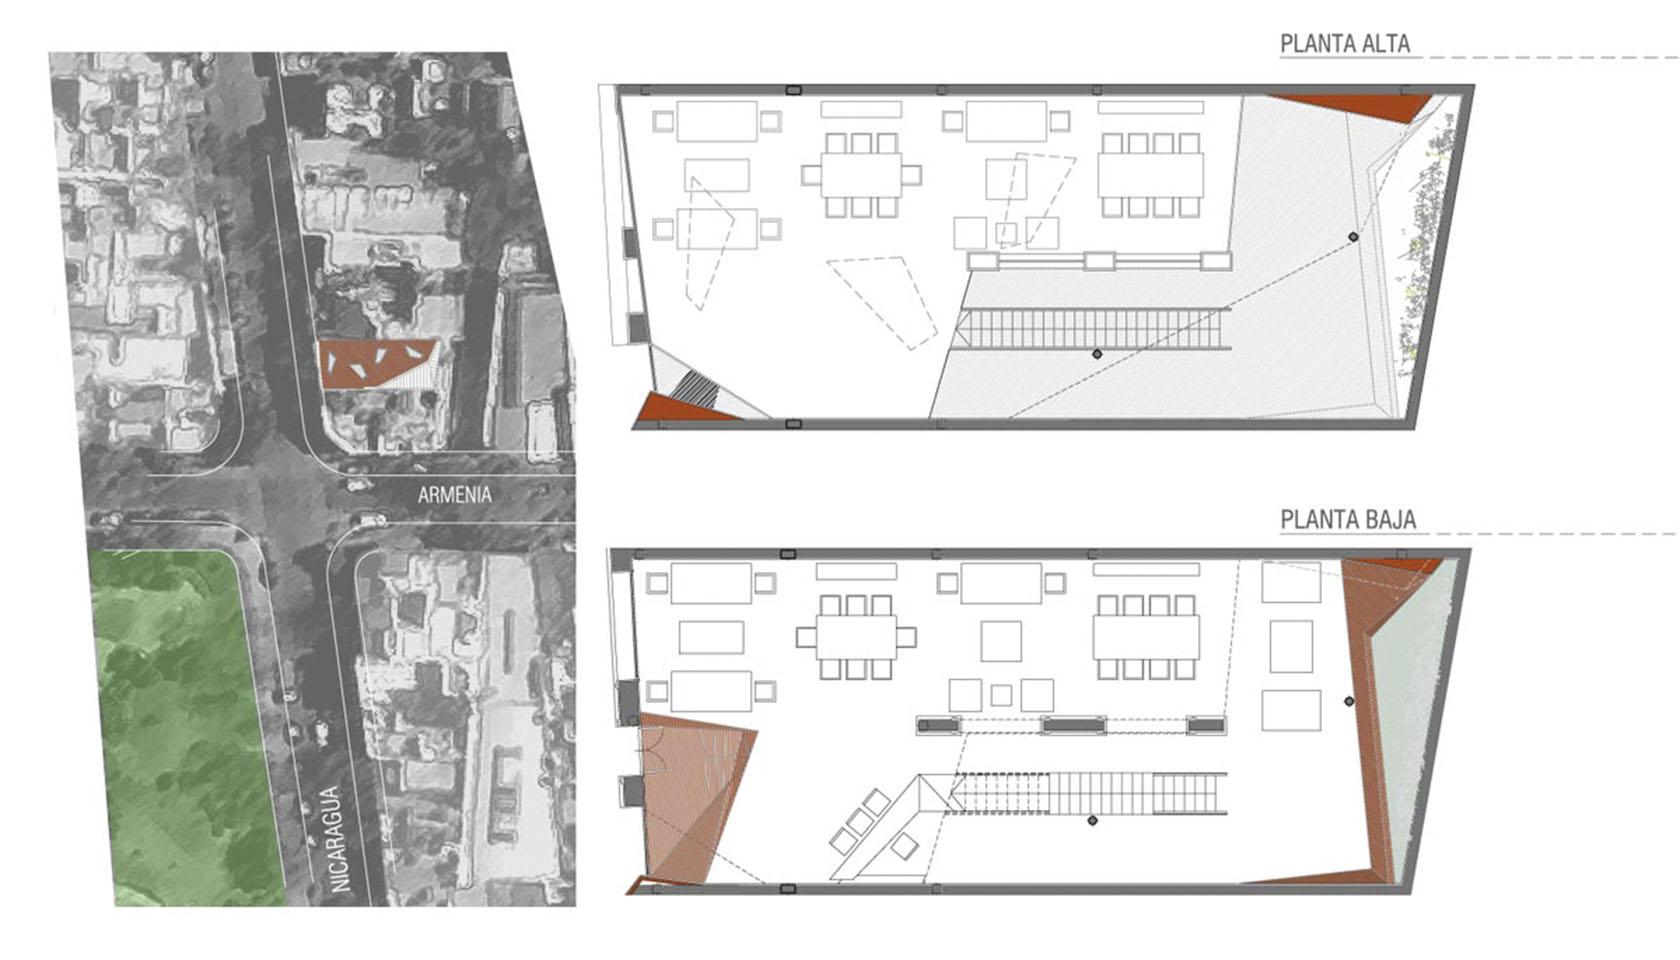 Refacciones en casa chorizo, locales modernos en casa chorizo